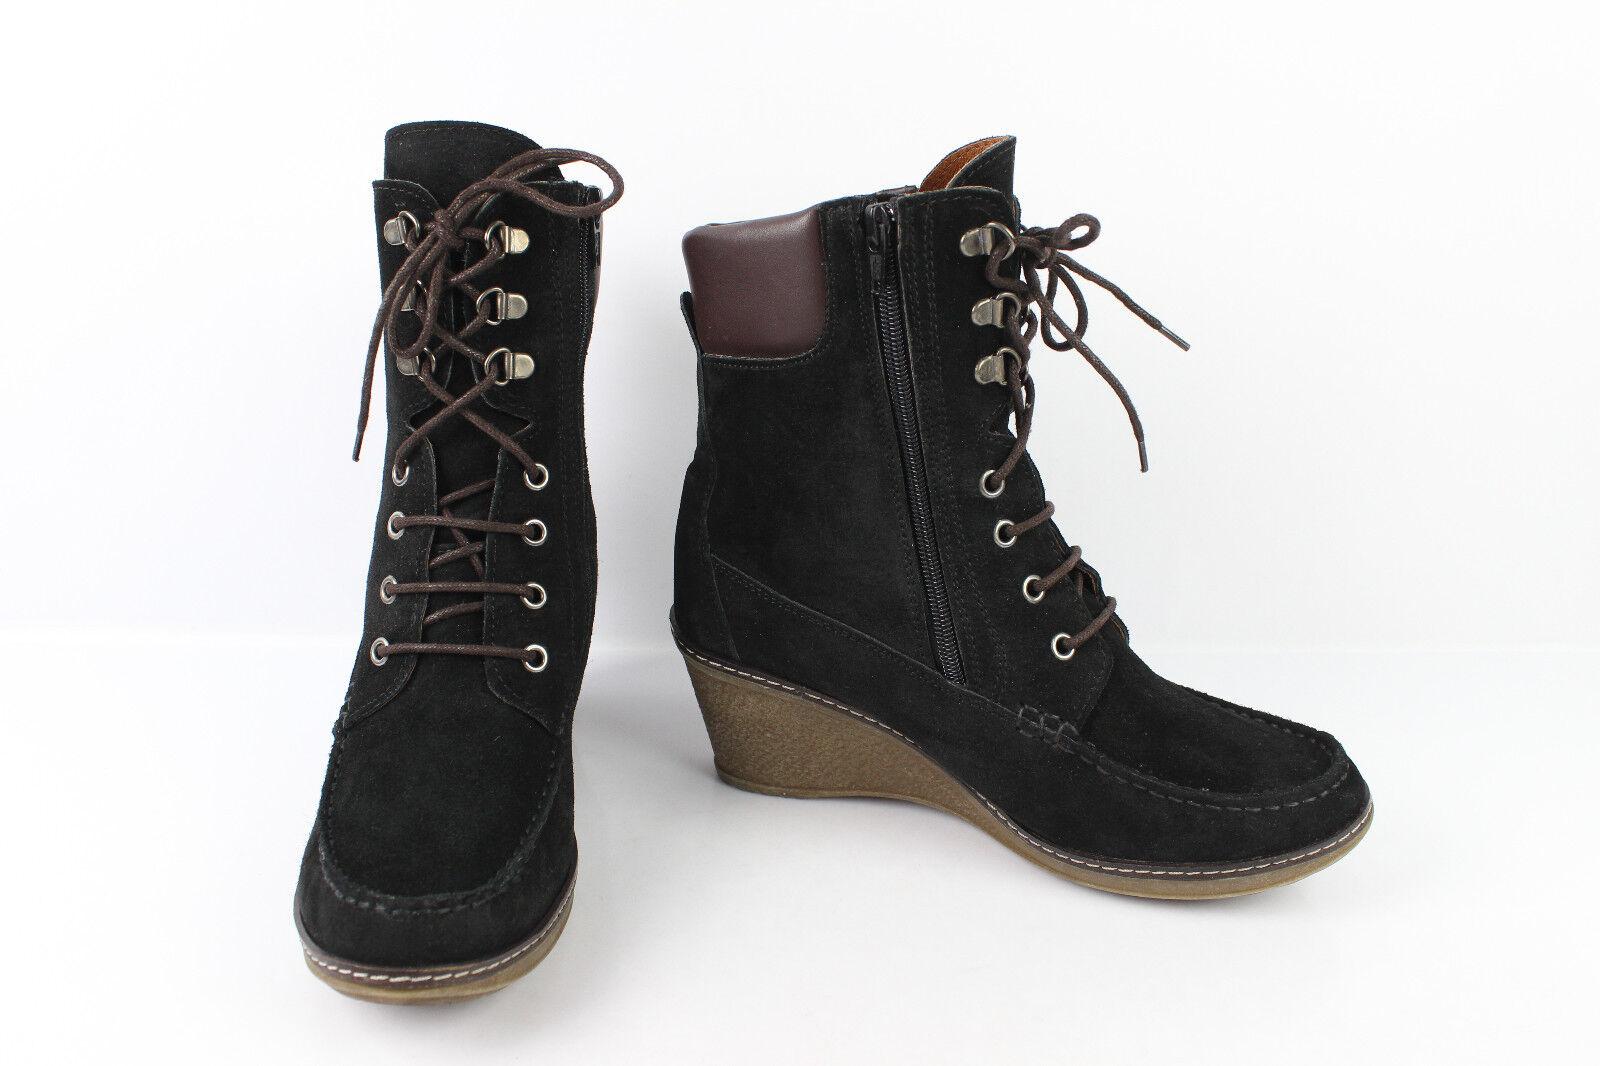 Stivali con lacci ALBA MODA Camoscio black Tacco A Zeppa T 40 OTTIME CONDIZIONI